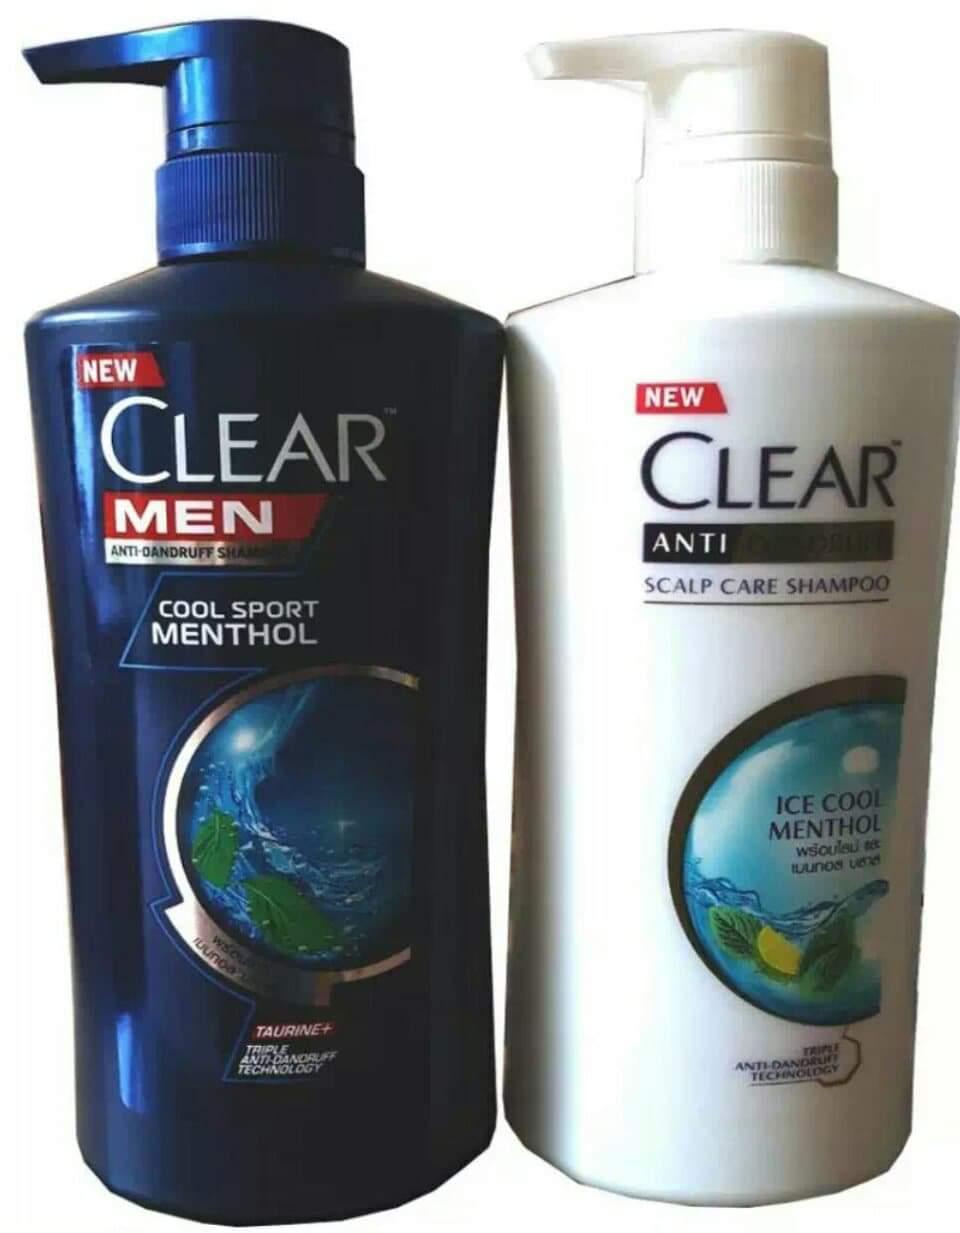 Bộ 2 Chai Dầu Gội Clear Men Và Clear Bạc Hà Thái Lan